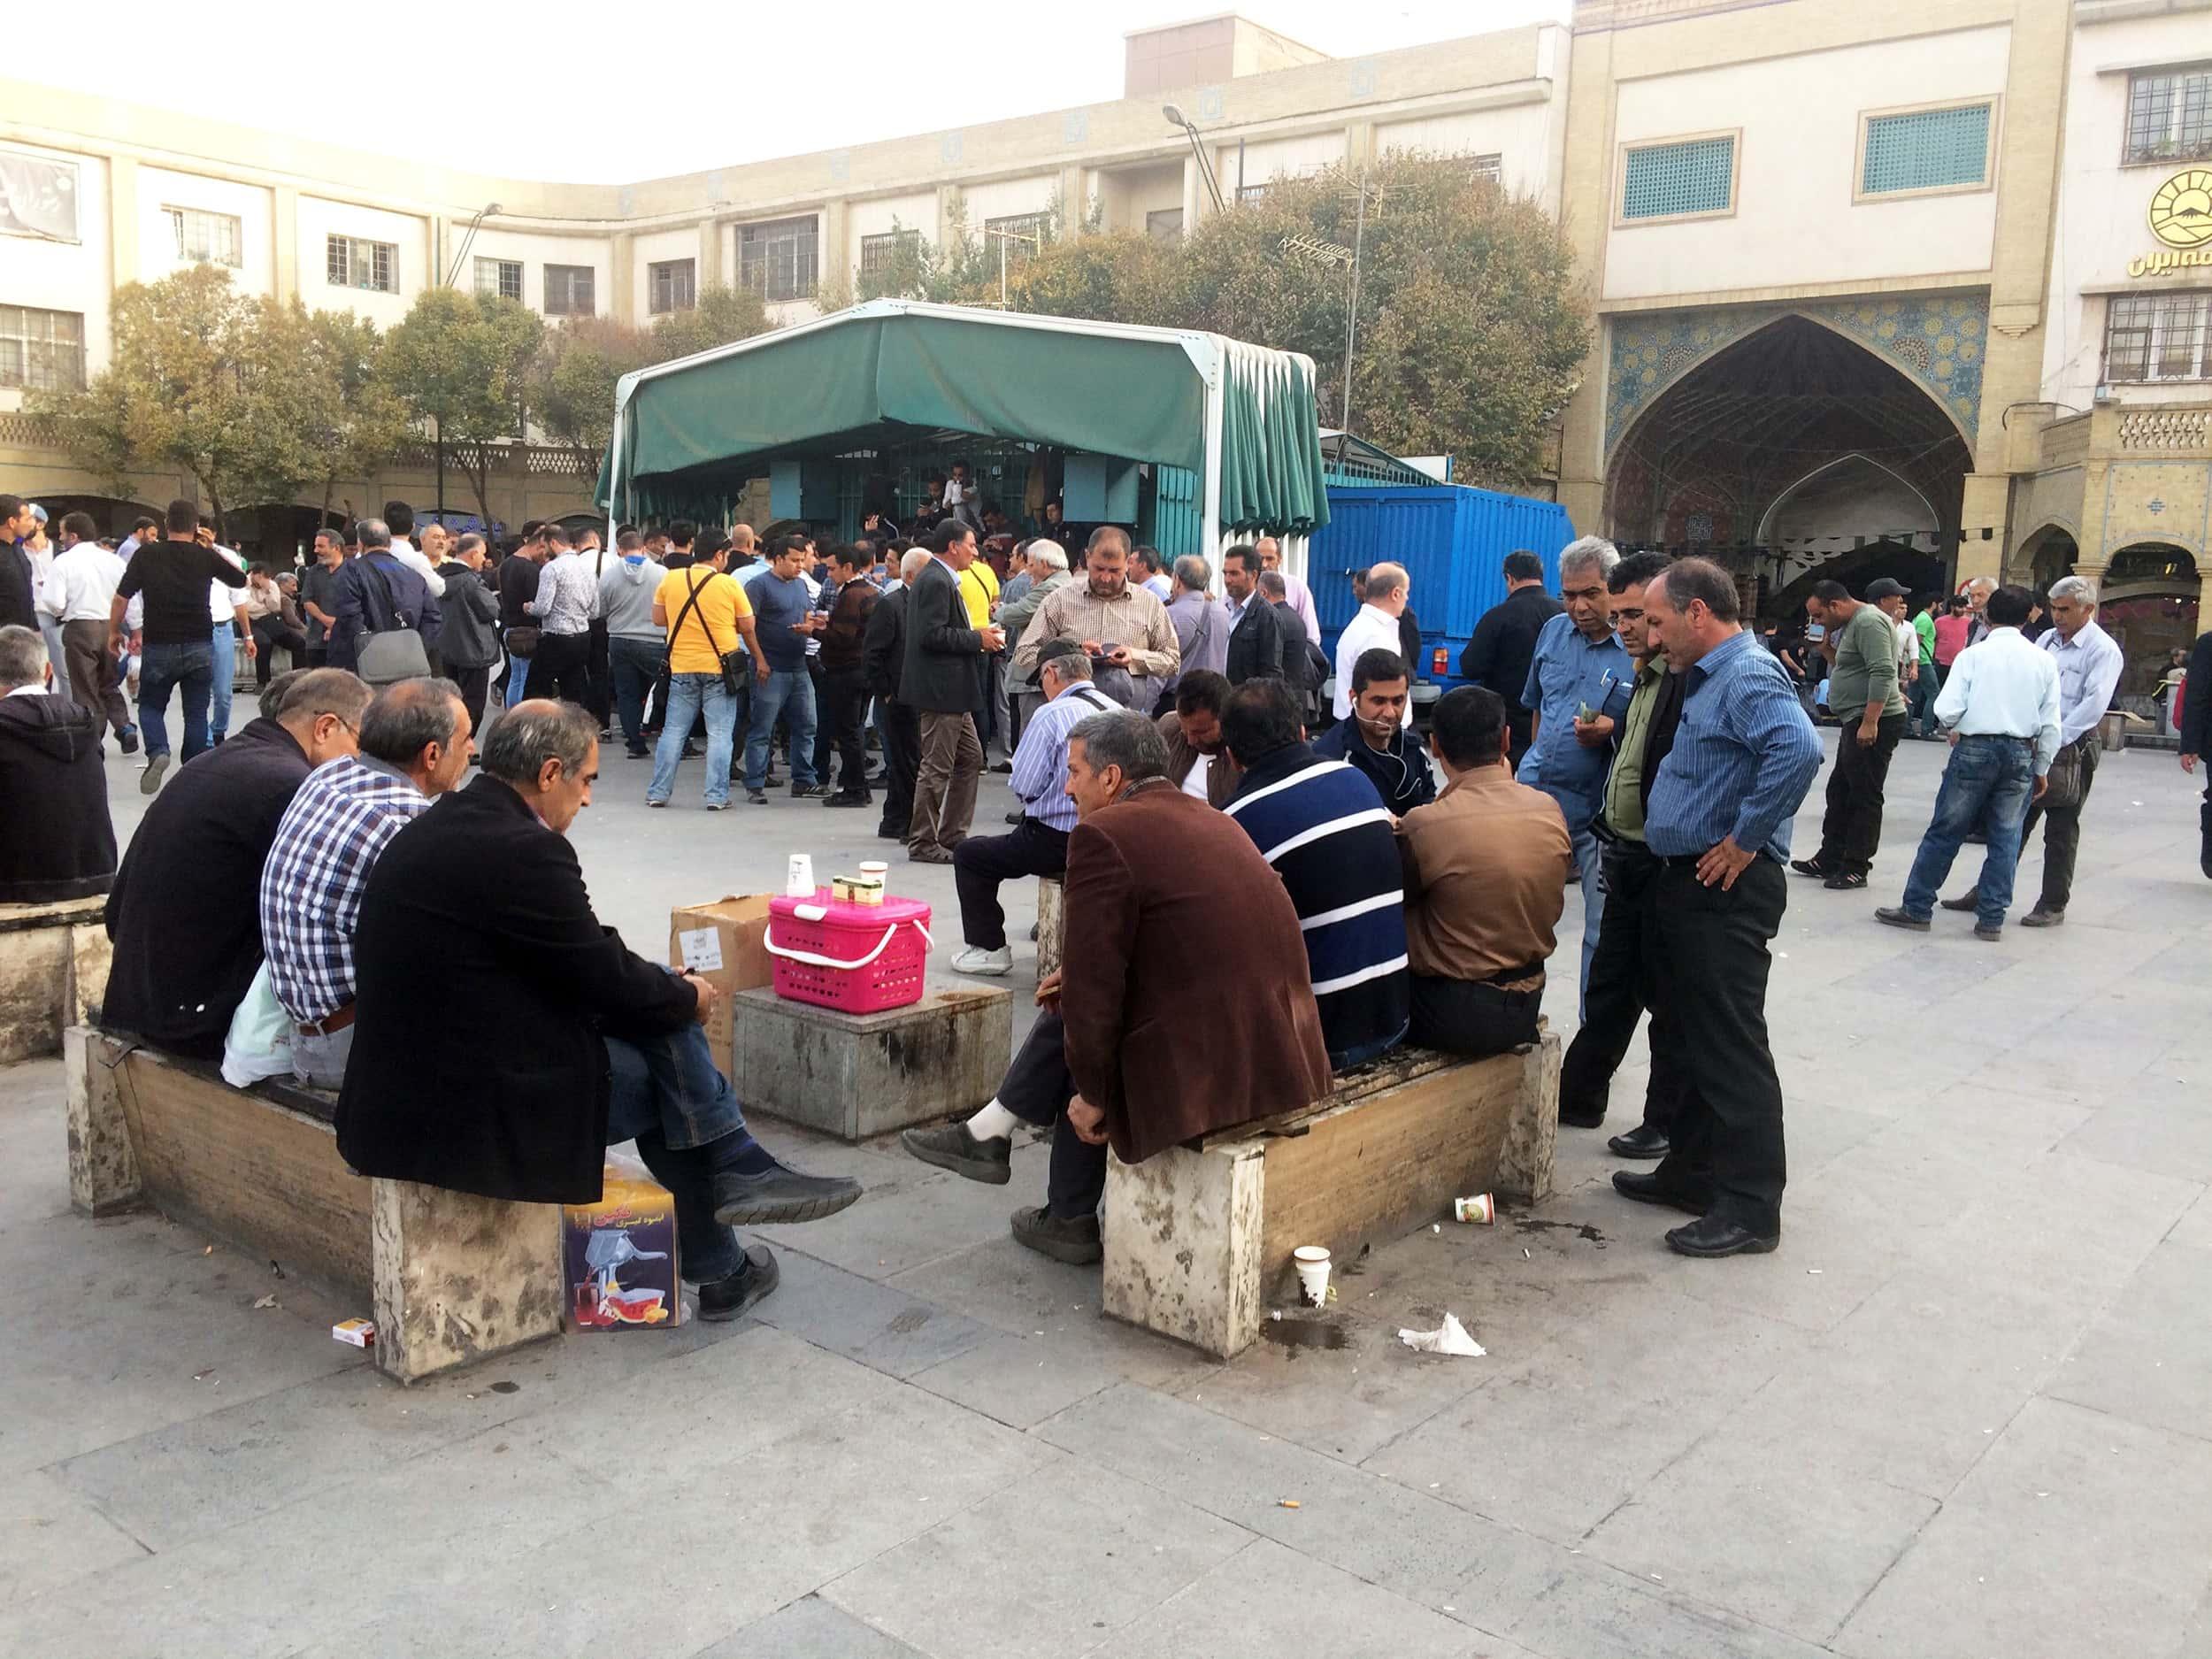 Іран. Центр перед базаром. Фото 3